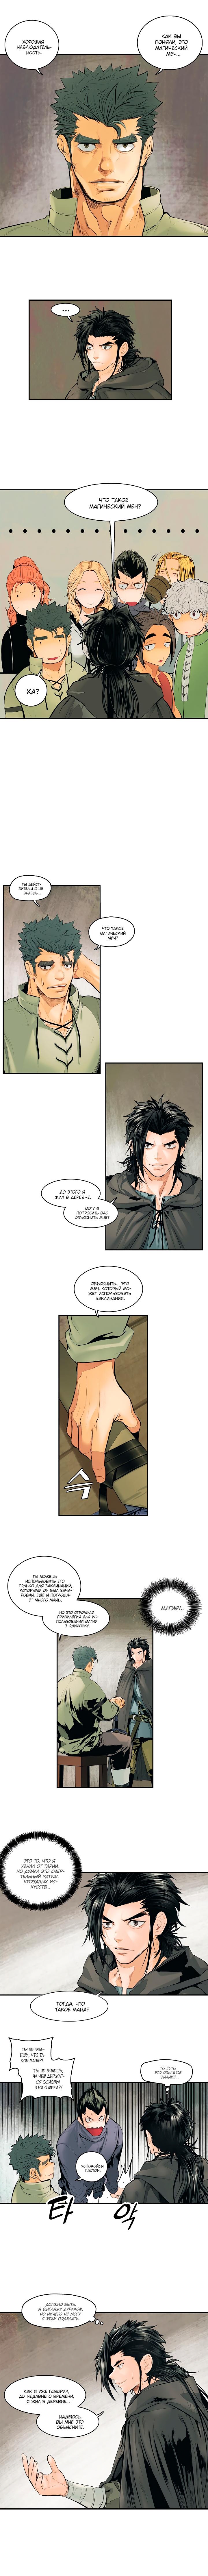 https://r2.ninemanga.com/comics/pic5/38/38630/1468359/1564578594300.png Page 5